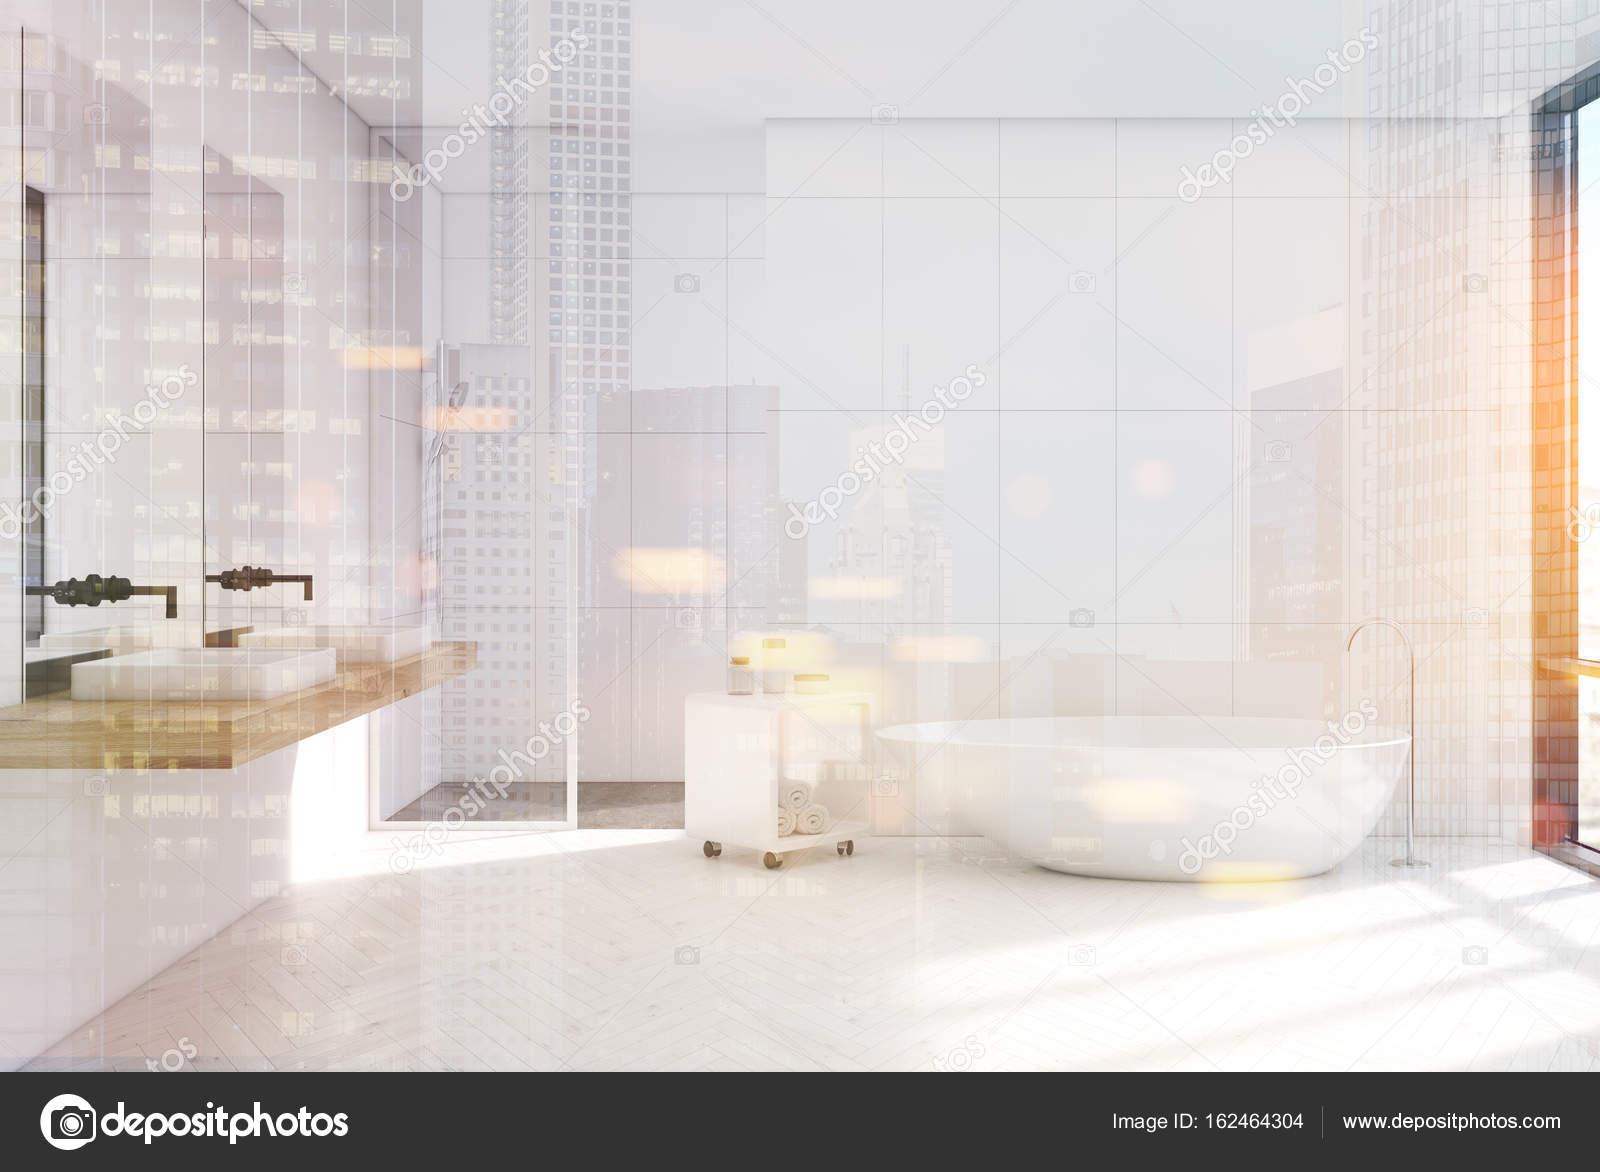 Ville de nuit intérieur, salle de bains moderne blanc ...